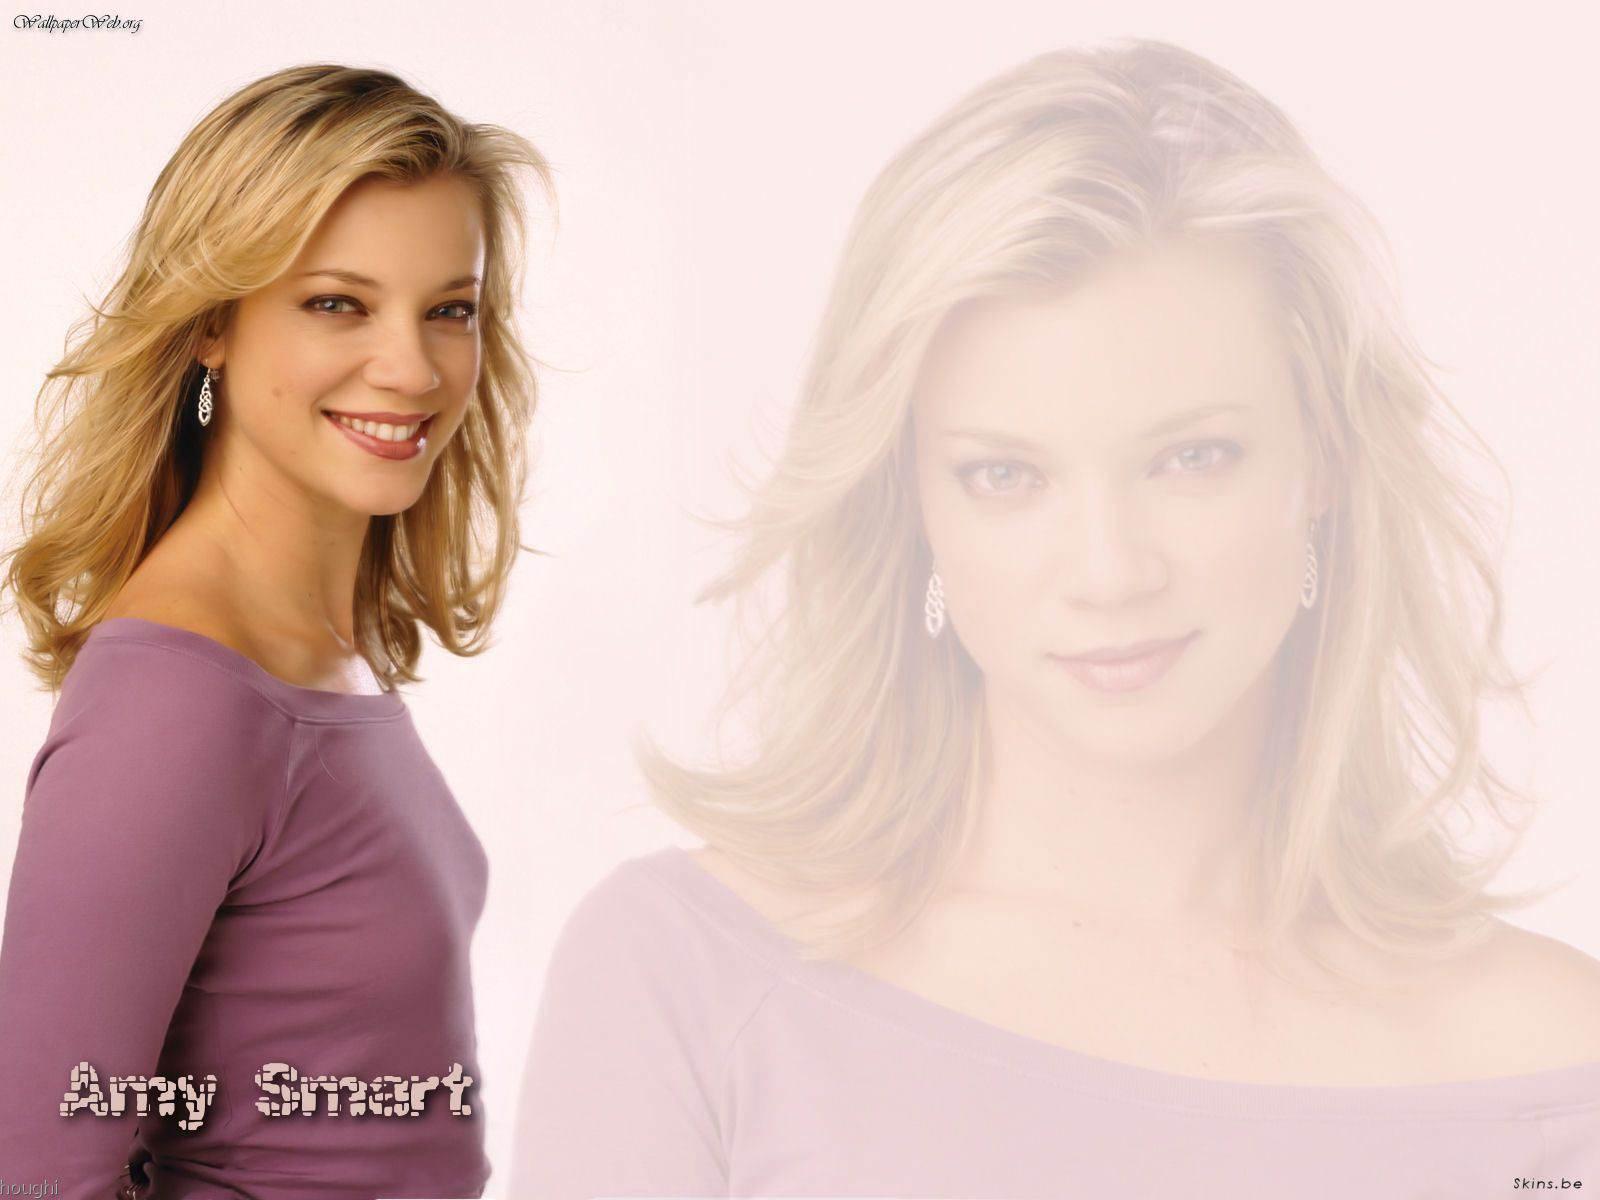 http://3.bp.blogspot.com/-AW9vMNaqtKk/Ti_BbYxq7iI/AAAAAAAAKds/_upcx3gbraI/s1600/amy-smart-04.jpg